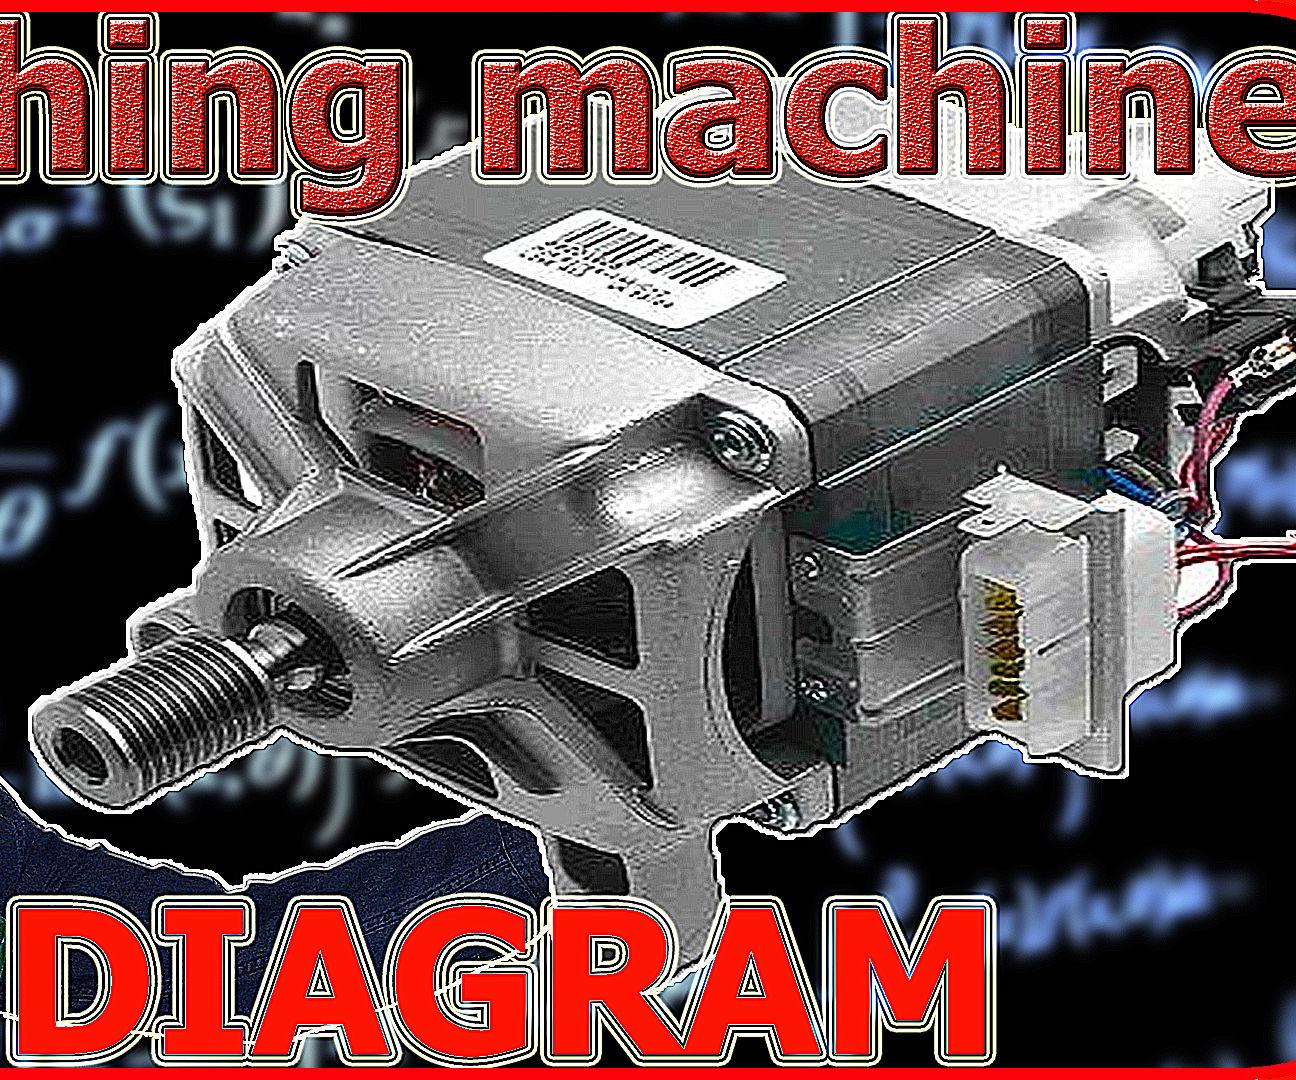 washing machine motor wiring diagram [ 1296 x 1080 Pixel ]